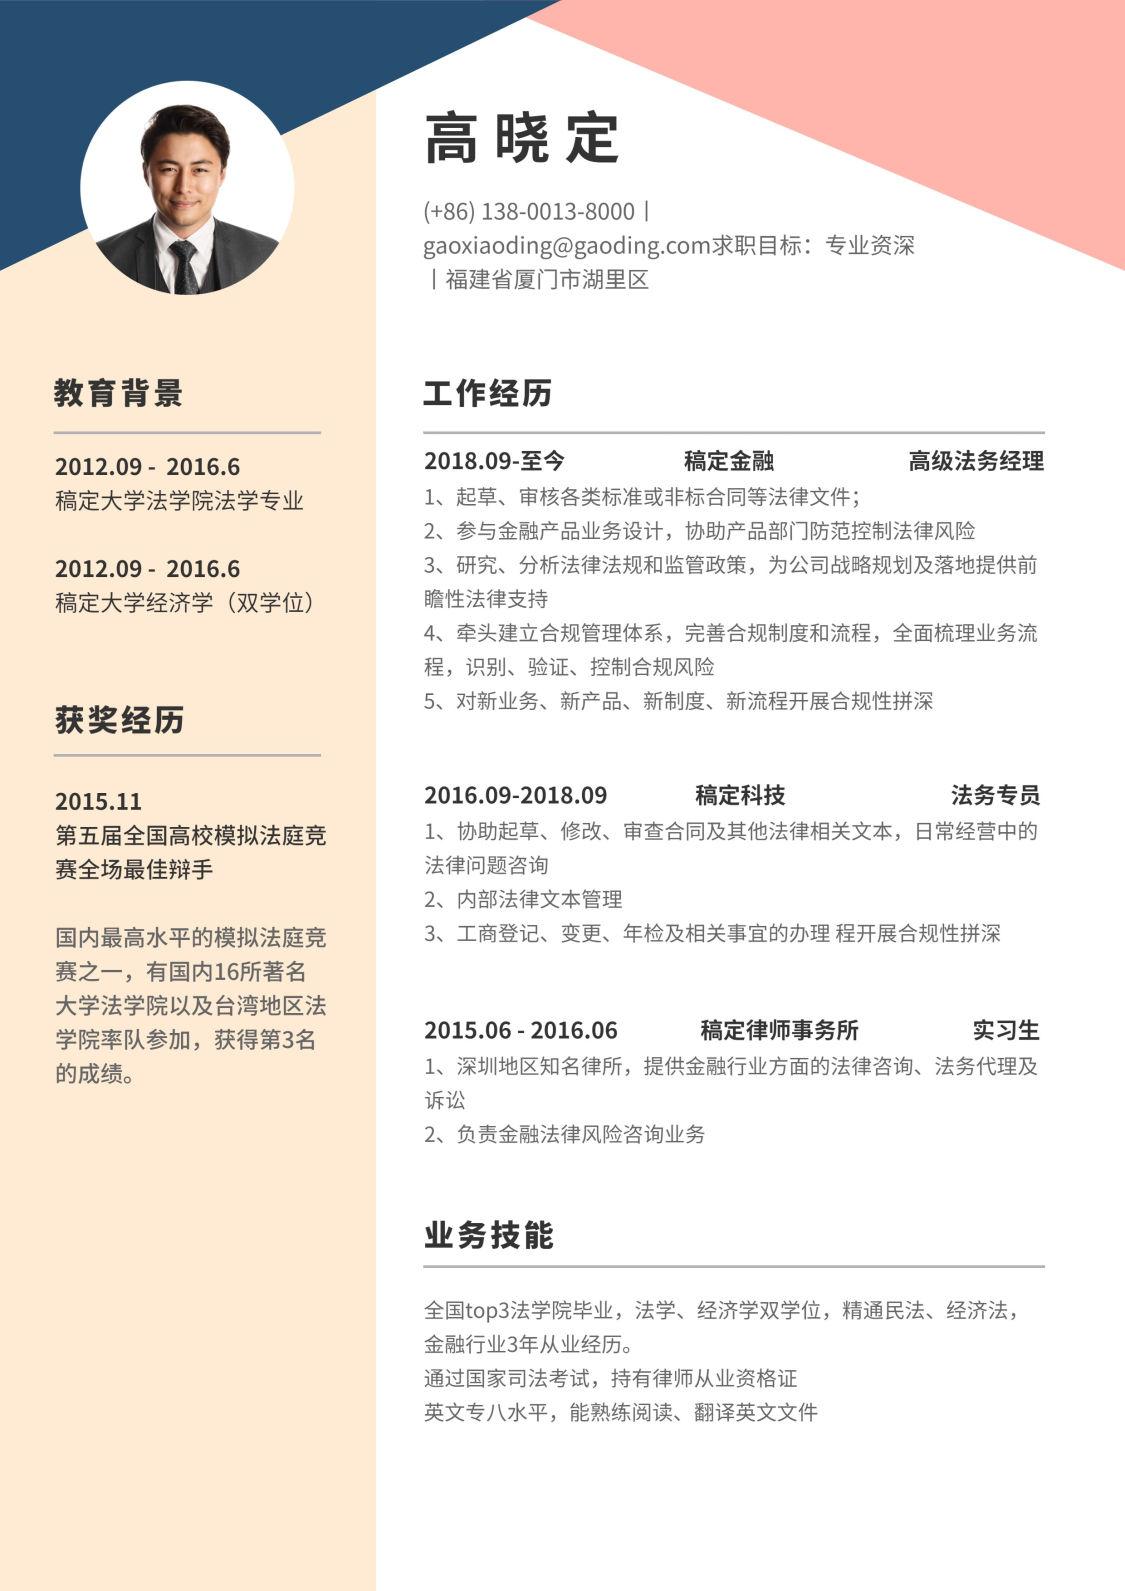 彩色法务专员简历(专业资深)